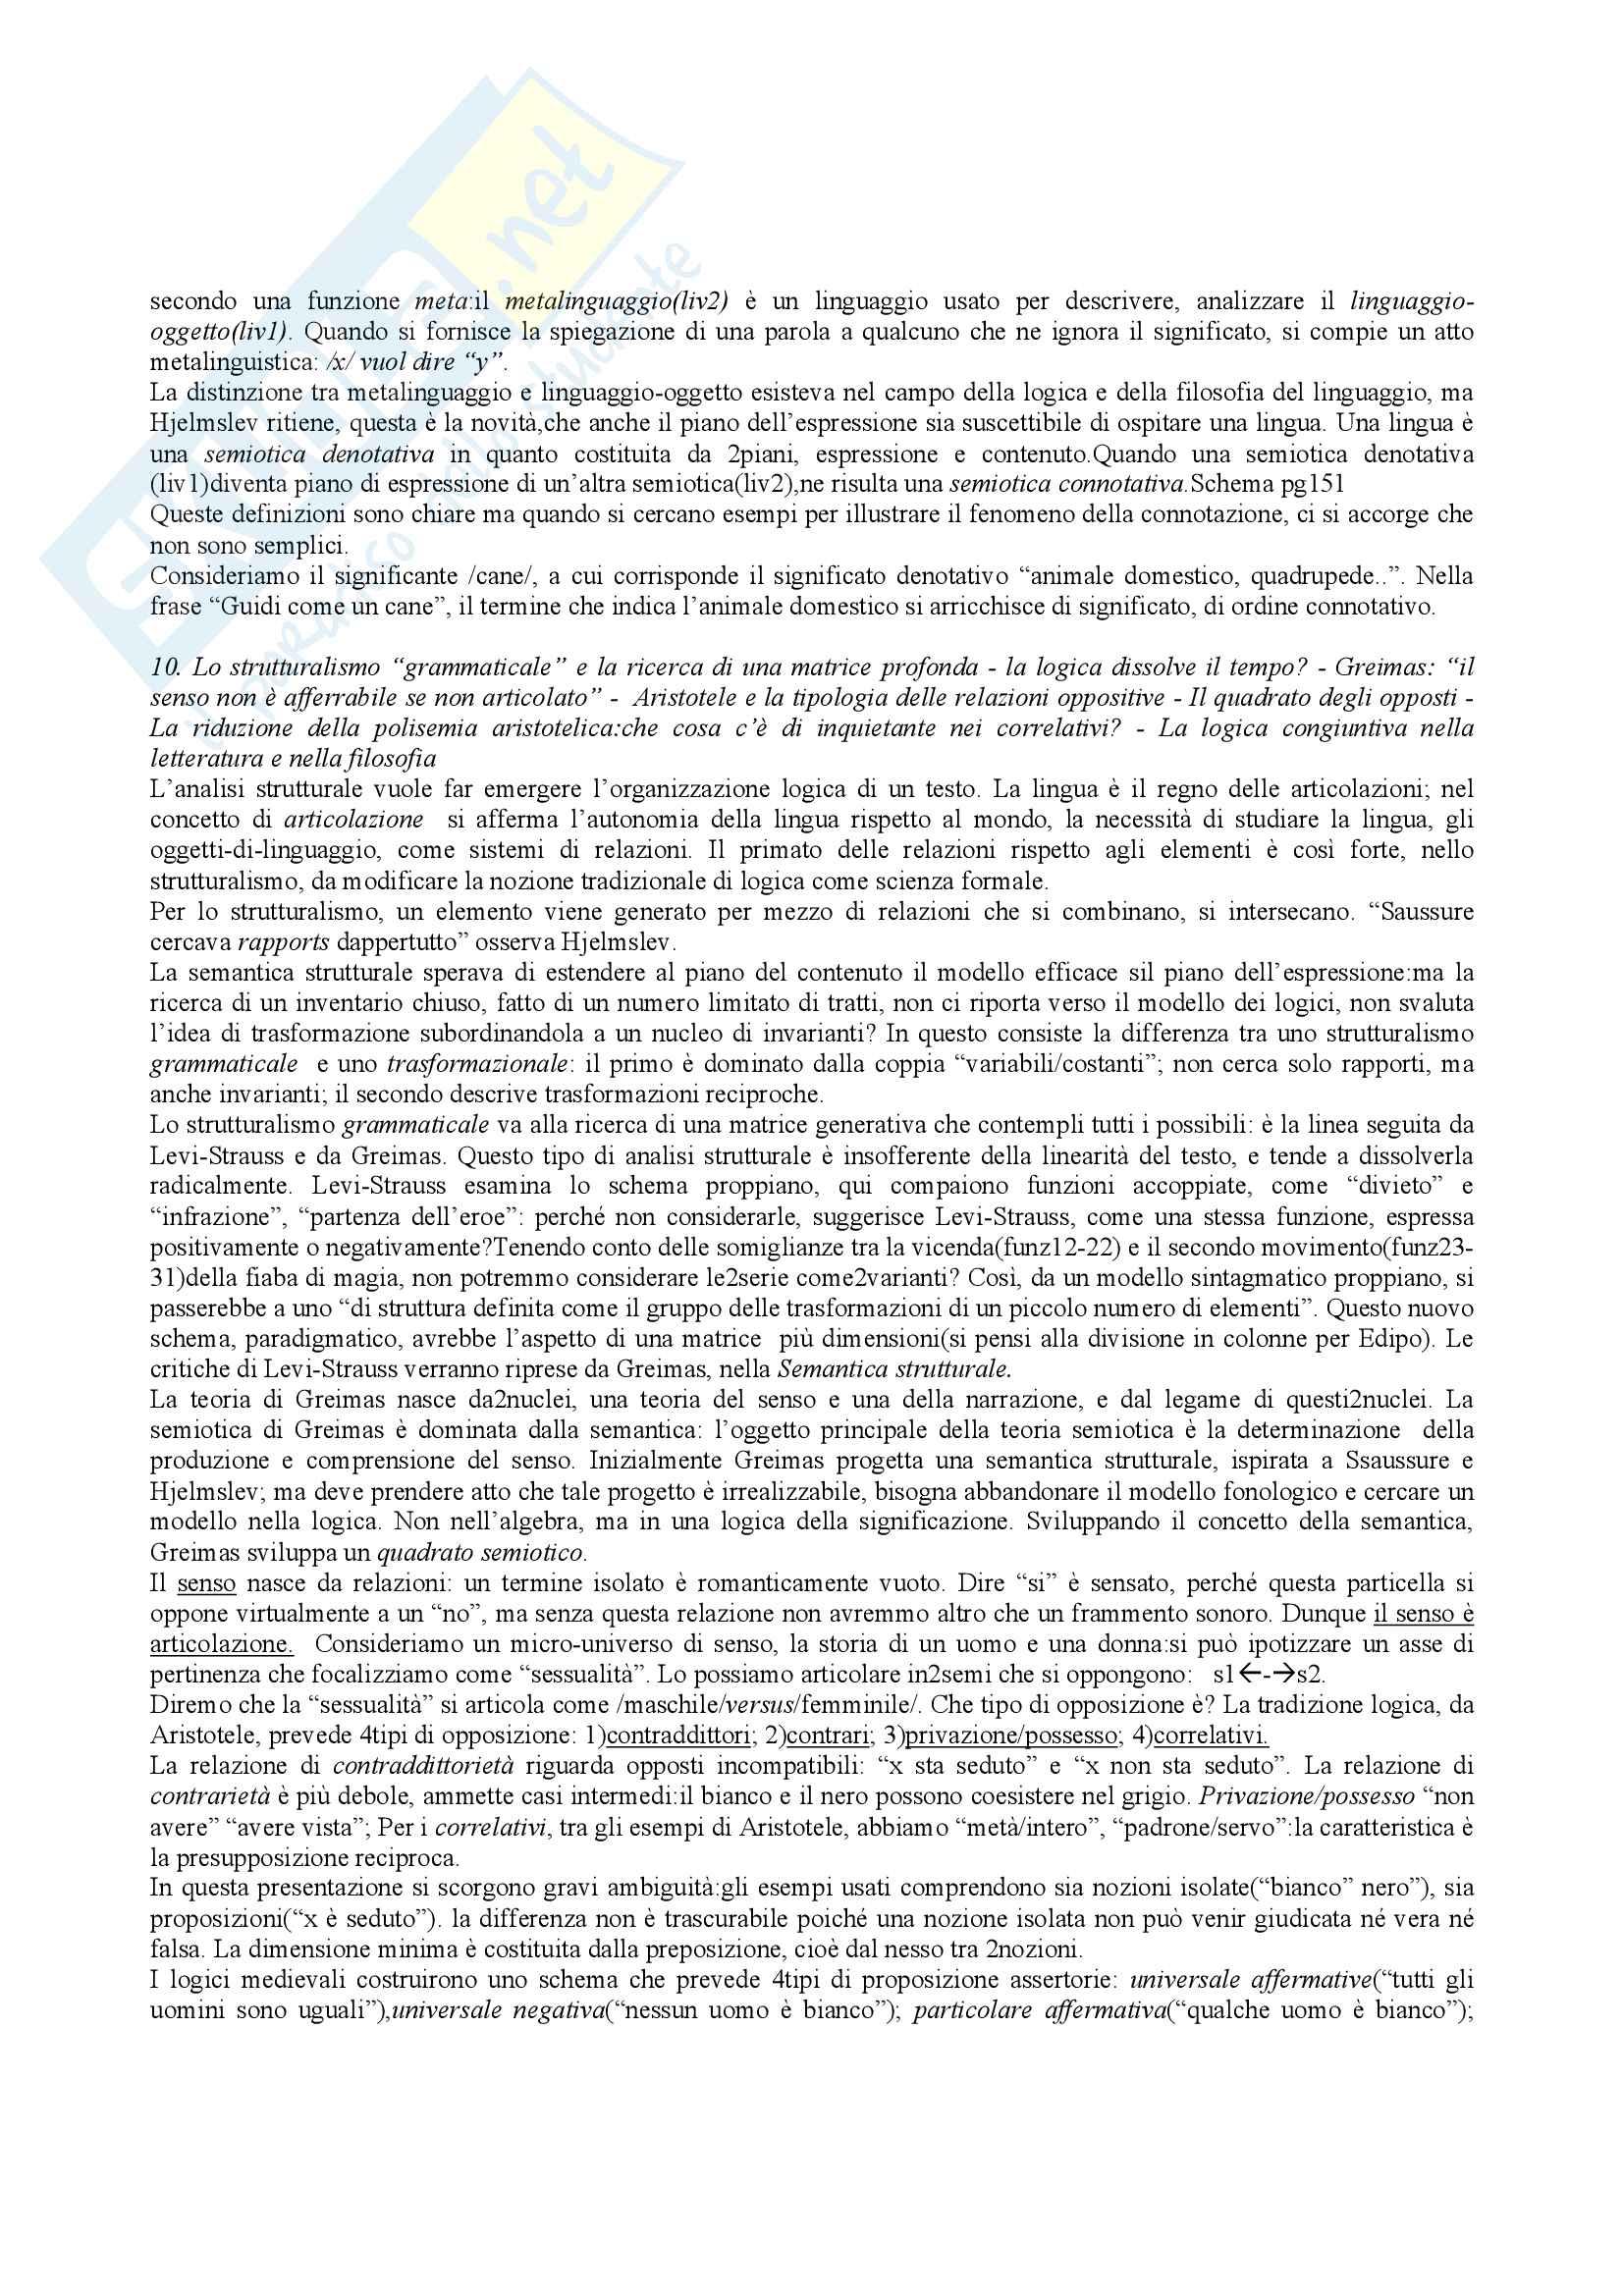 Riassunto esame teoria della letteratura, docente Bova, libro consigliato Che cos'è la teoria della letteratura, Bottiroli Pag. 26